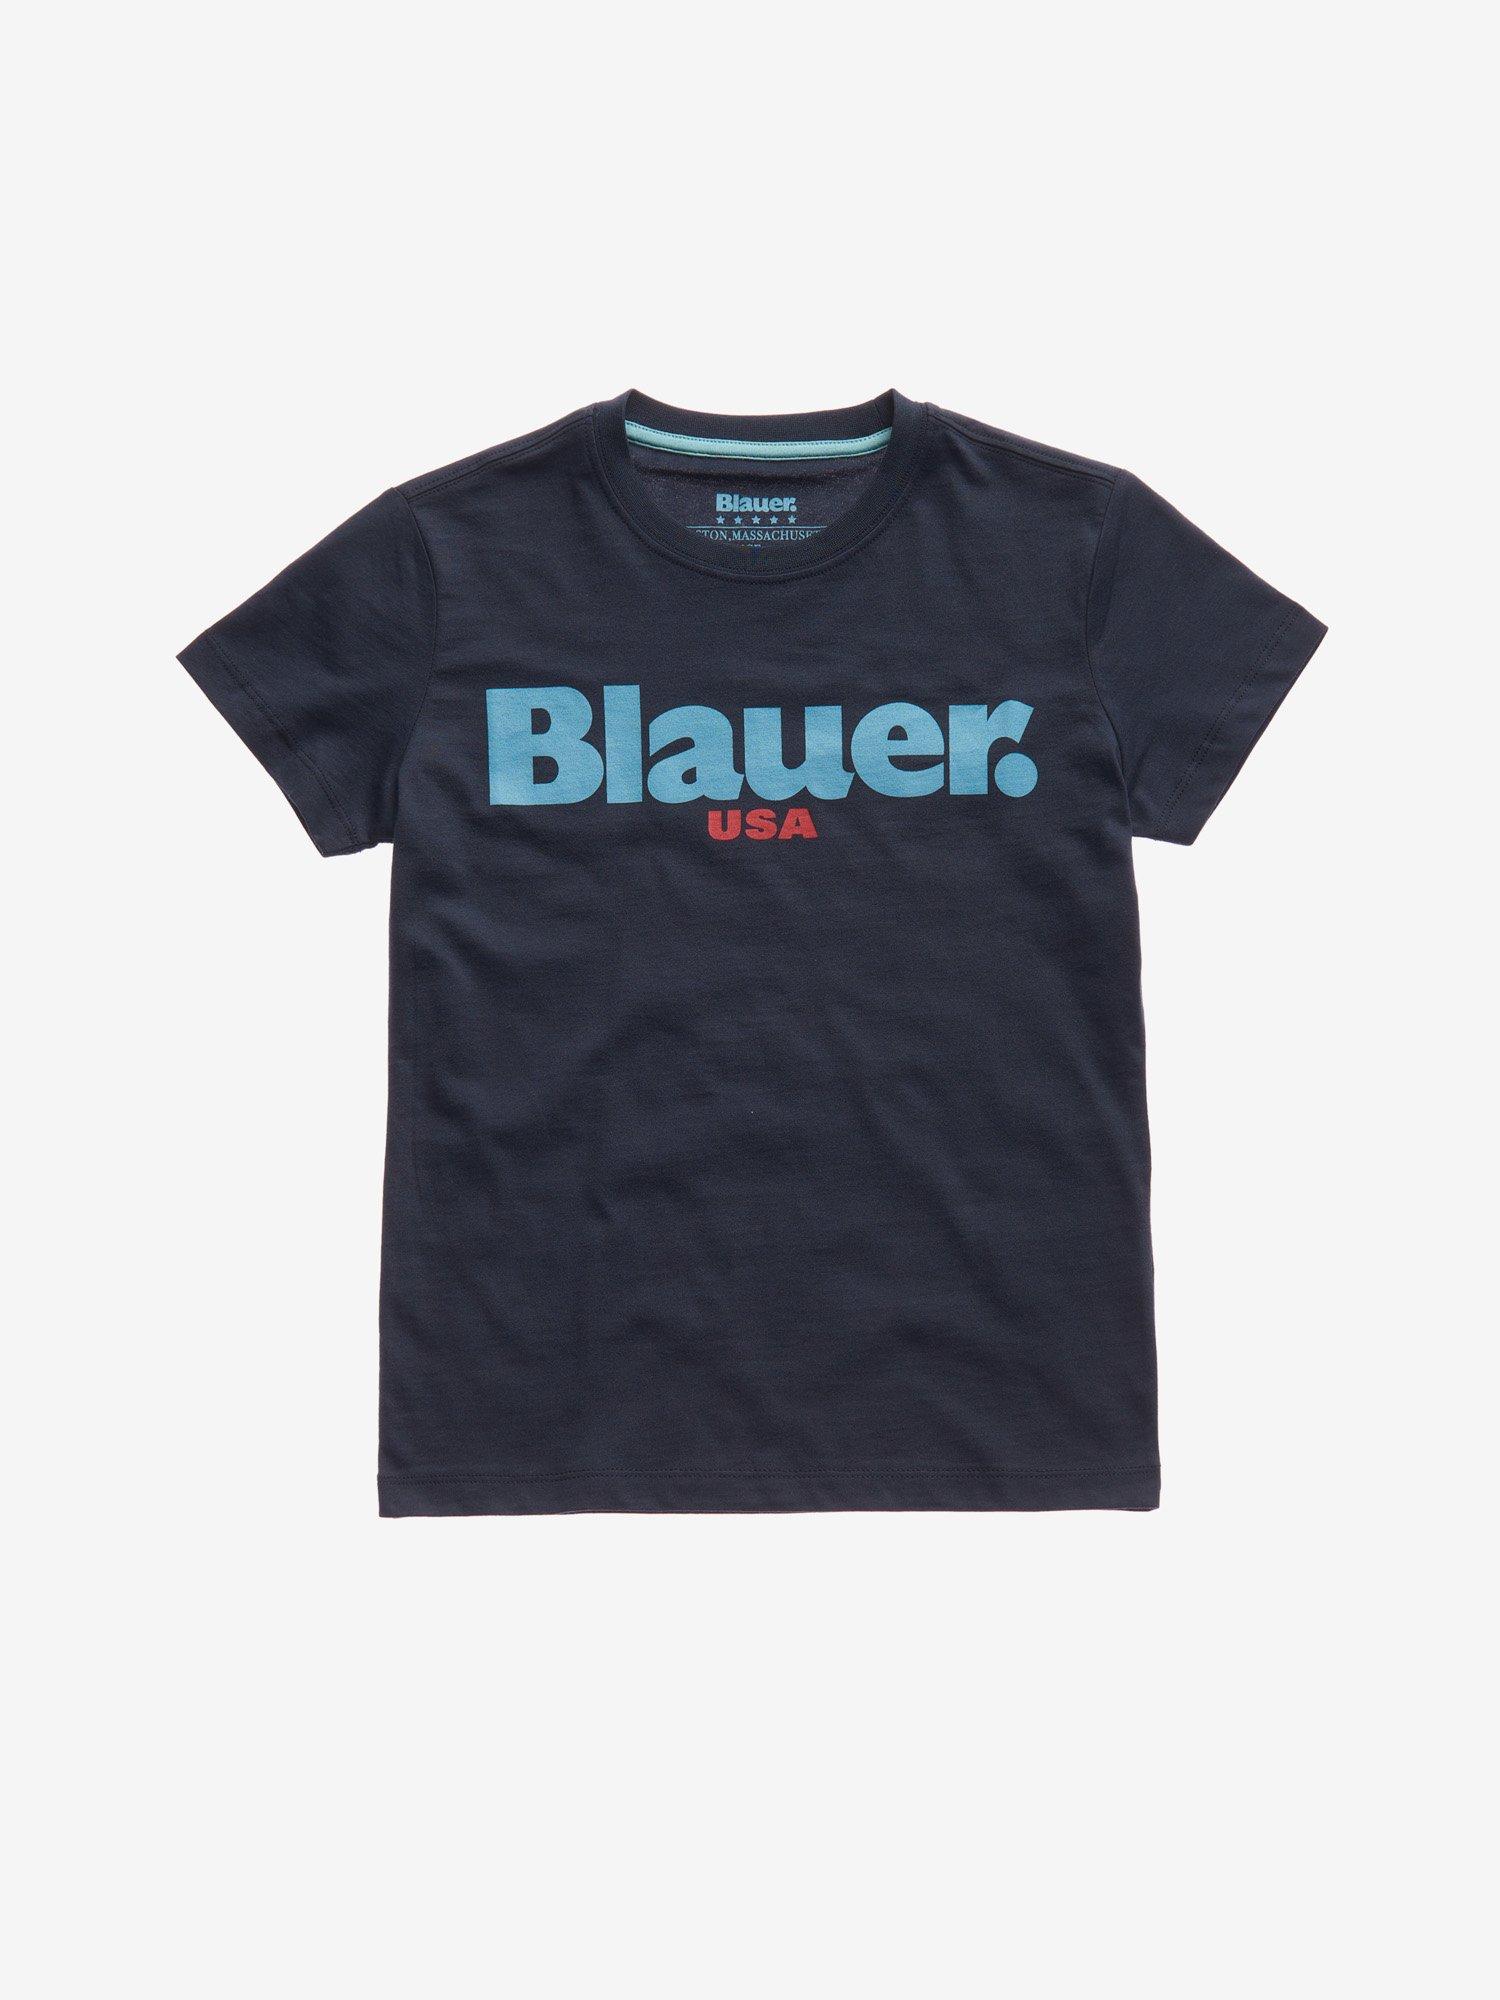 Blauer - JUNIOR BASIC BLAUER T-SHIRT - Cadet Blue - Blauer